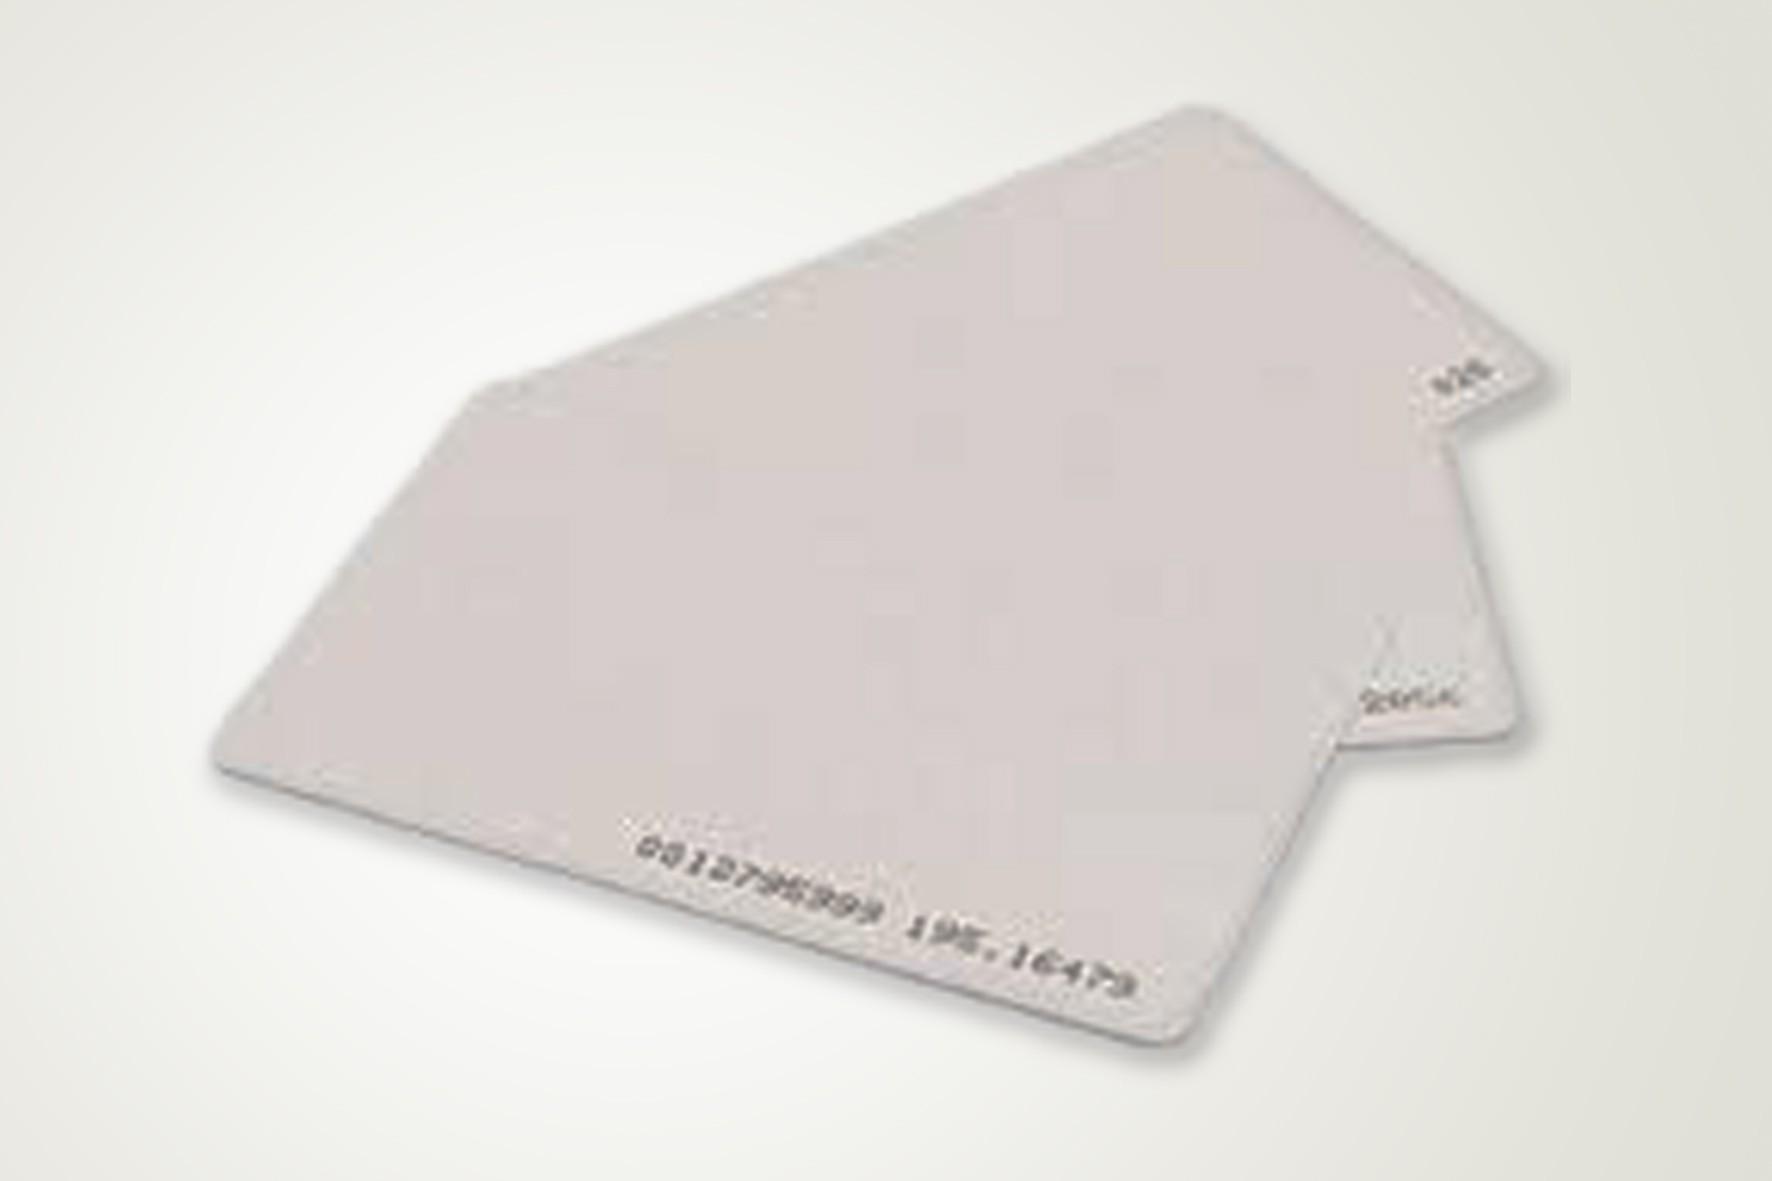 Cartões com Chip de Proximidade na Vila Acre - Réguas Personalizadas